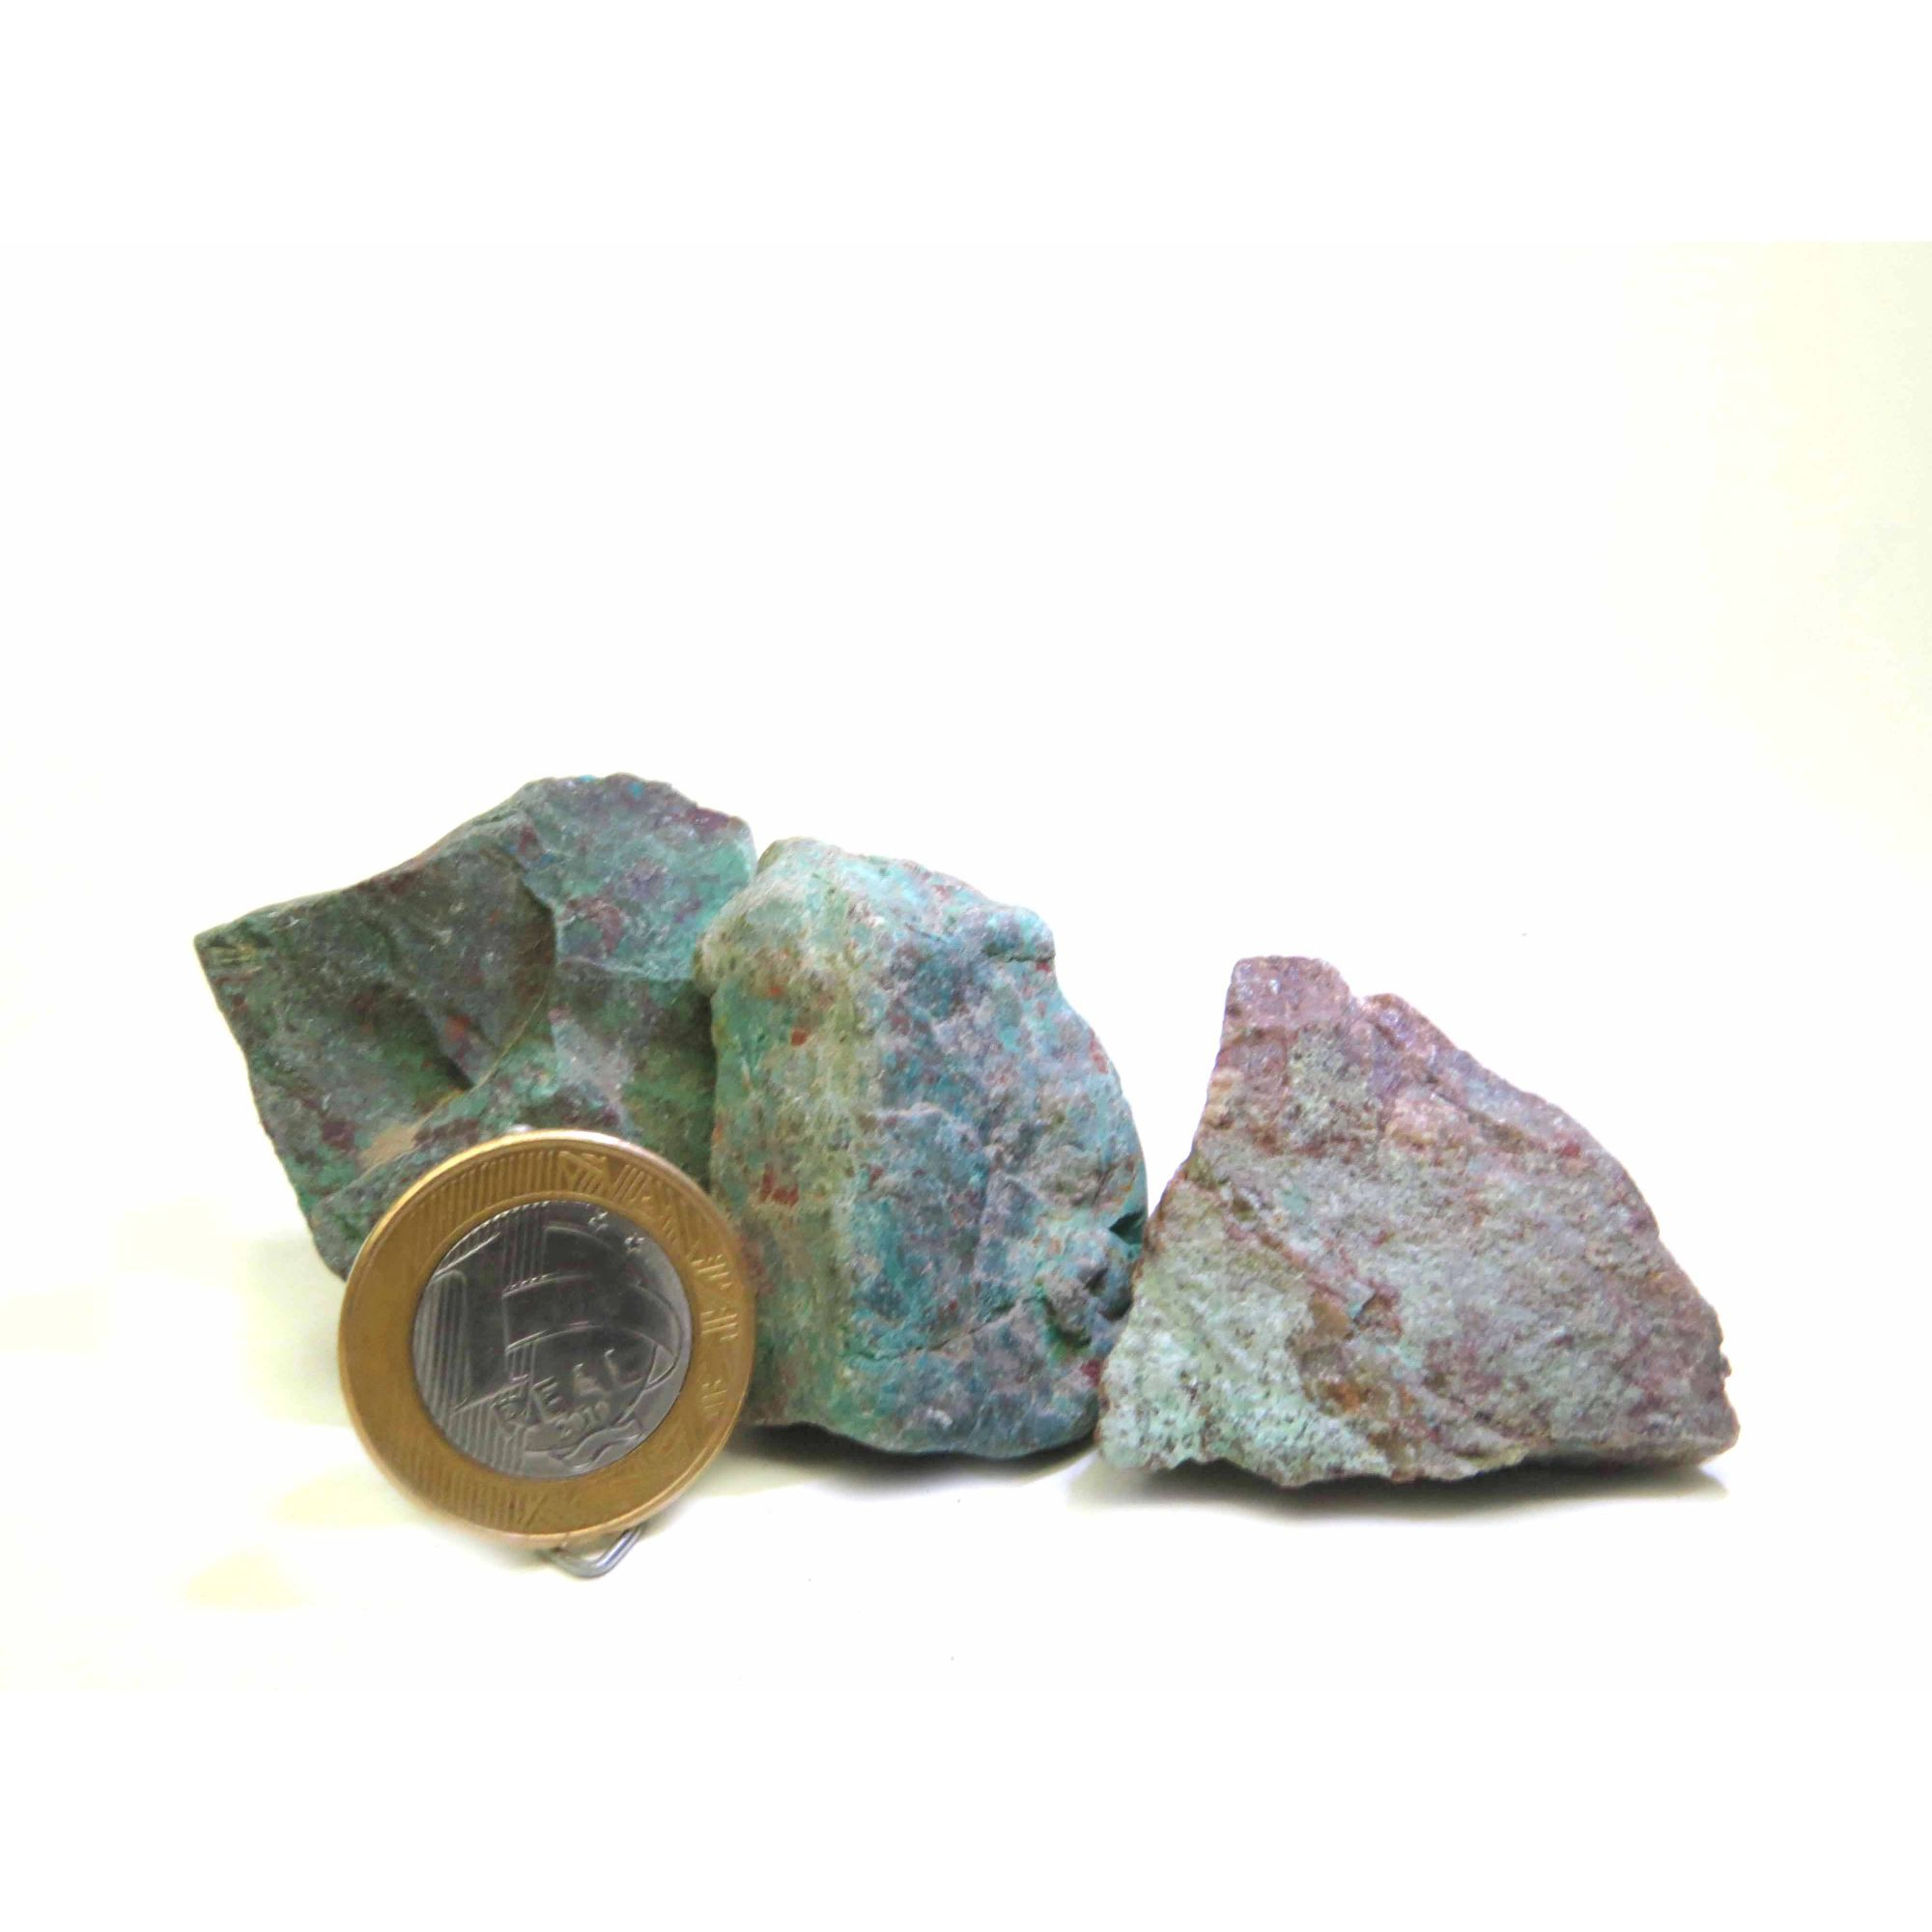 Crisocola - Bruto - 3 a 4 cm